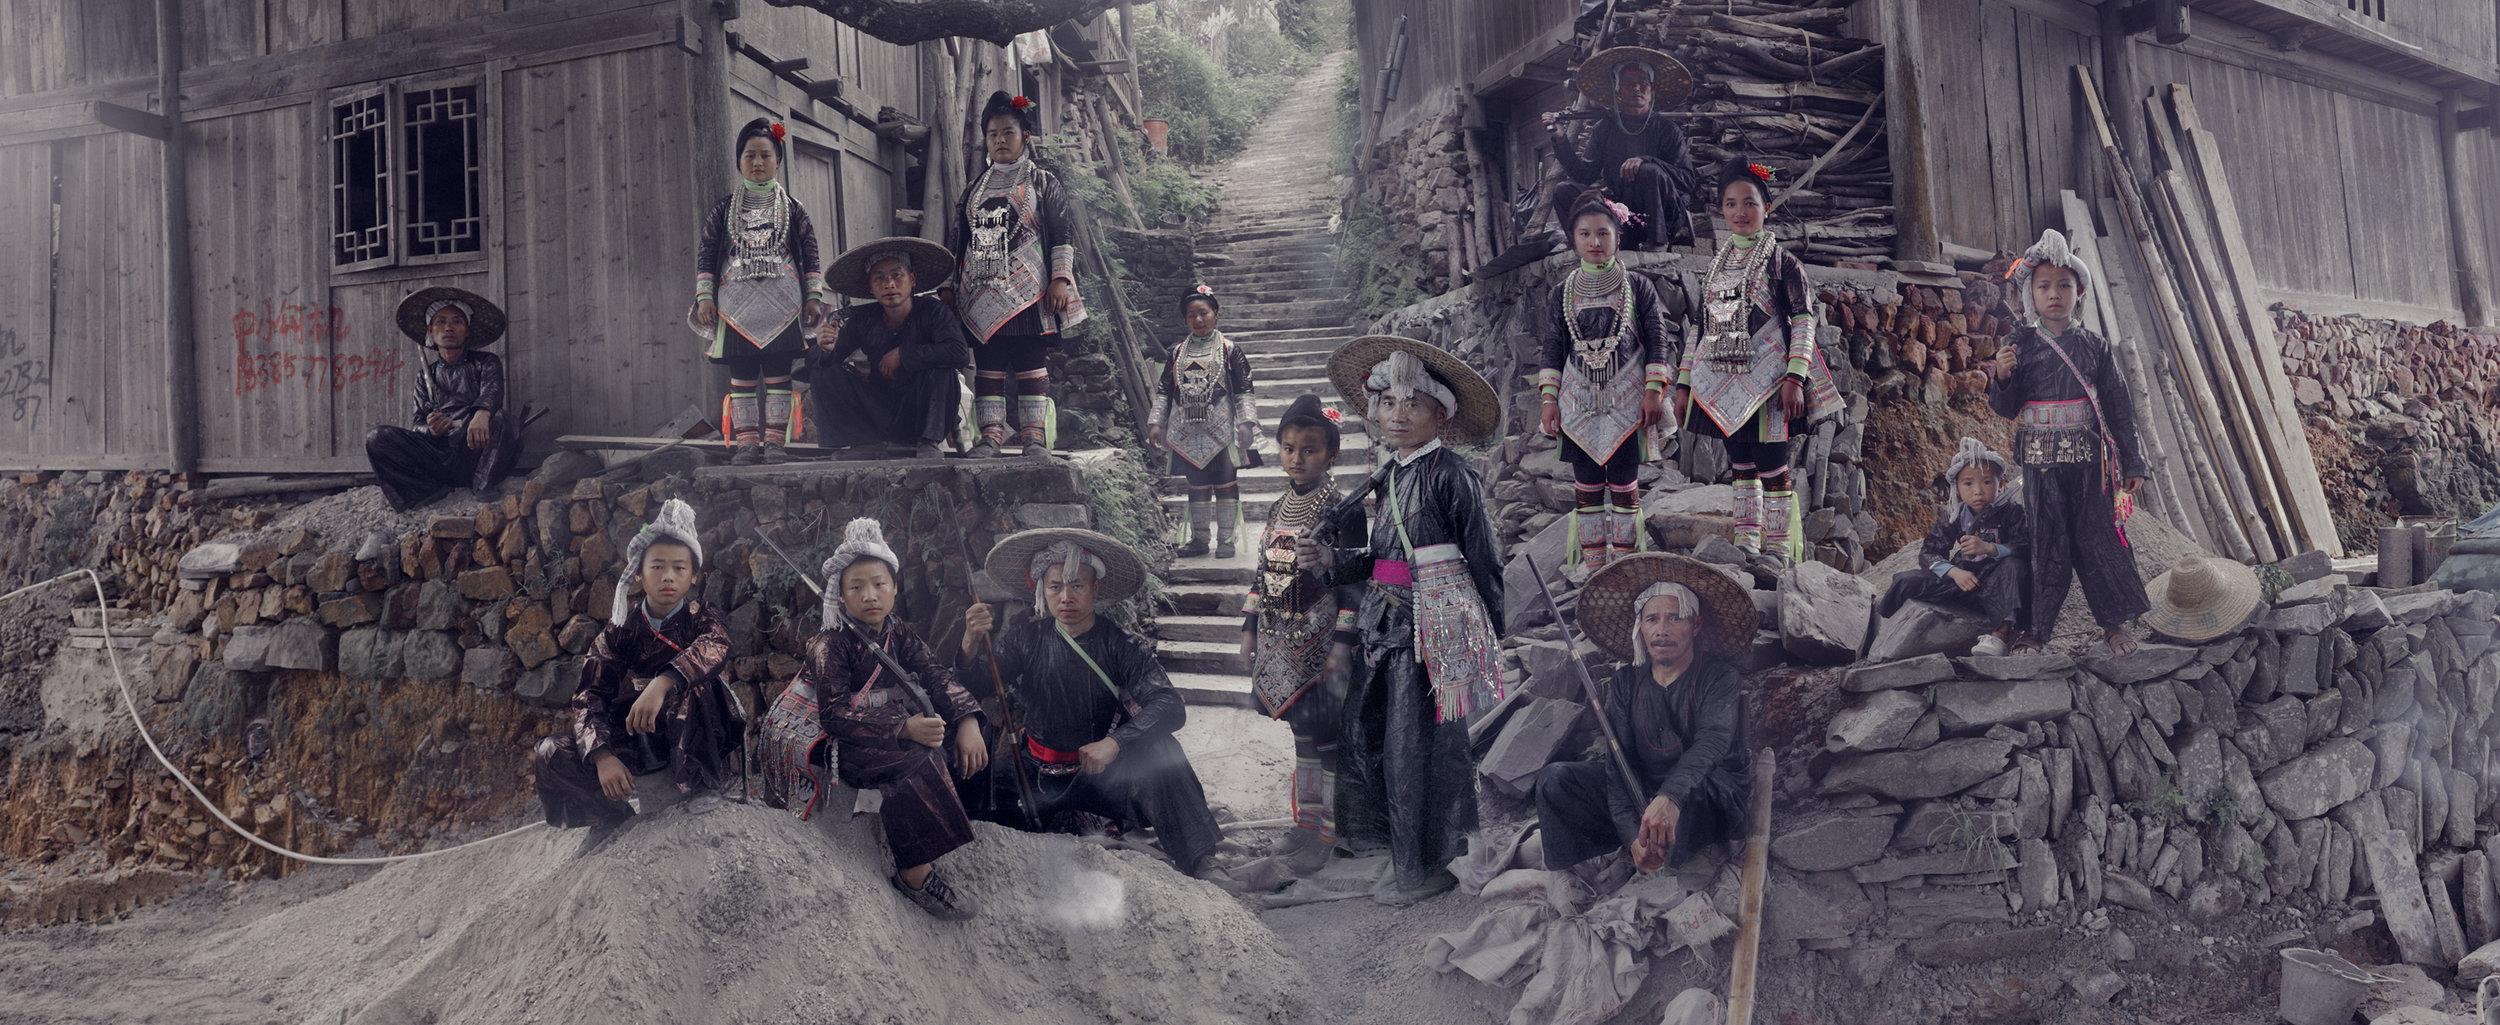 XXII 8, Basha Miao Village, Congjiang, Qiandongnan, Guizhou China, 2016.jpg